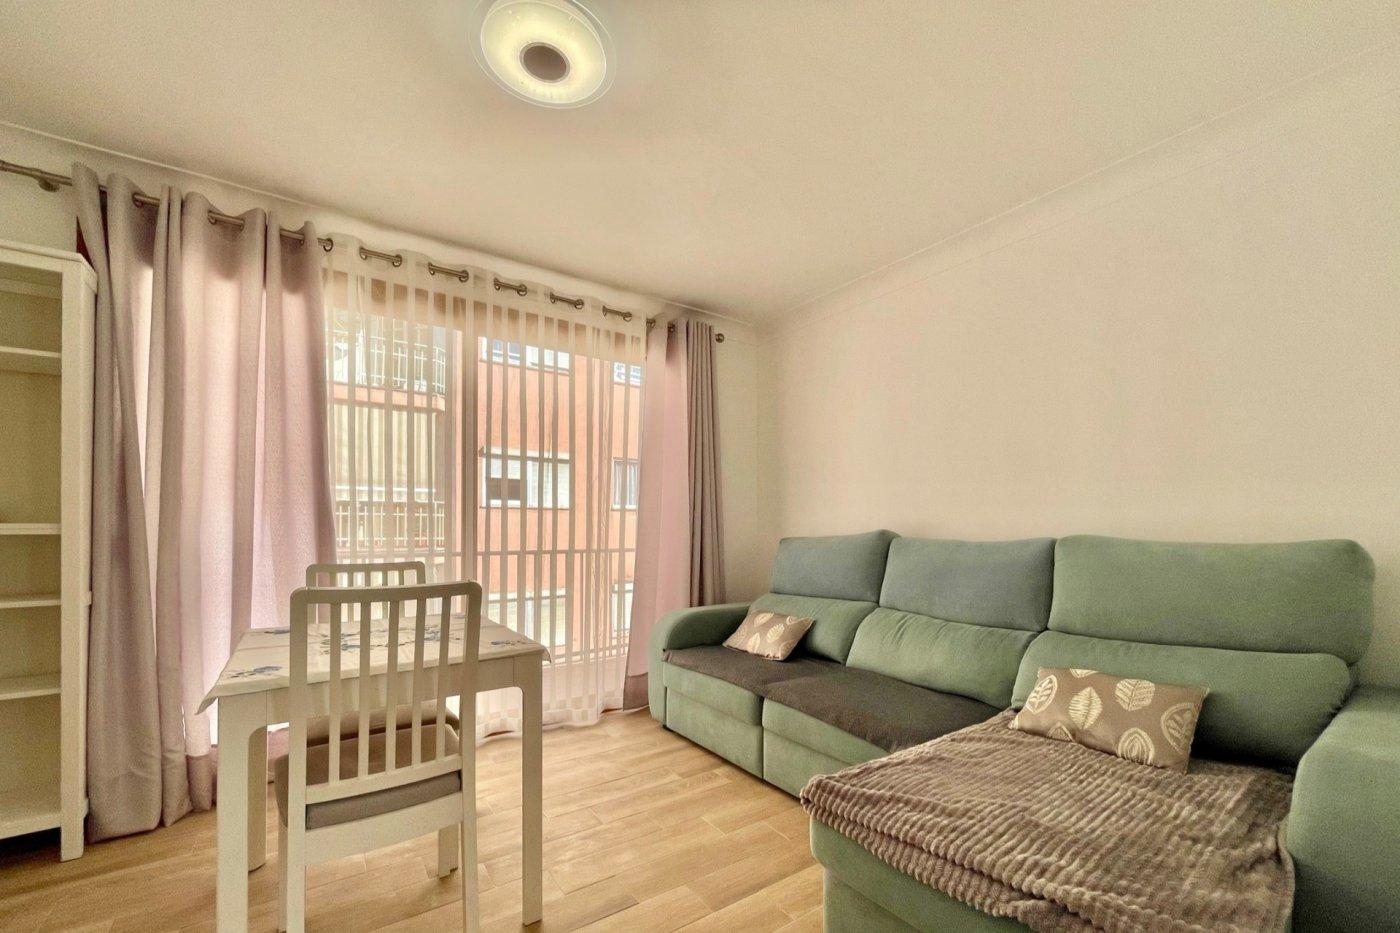 Piso amueblado de 57 m² de superficie con balcón, terraza y barbacoa en la zona de son cot - imagenInmueble0